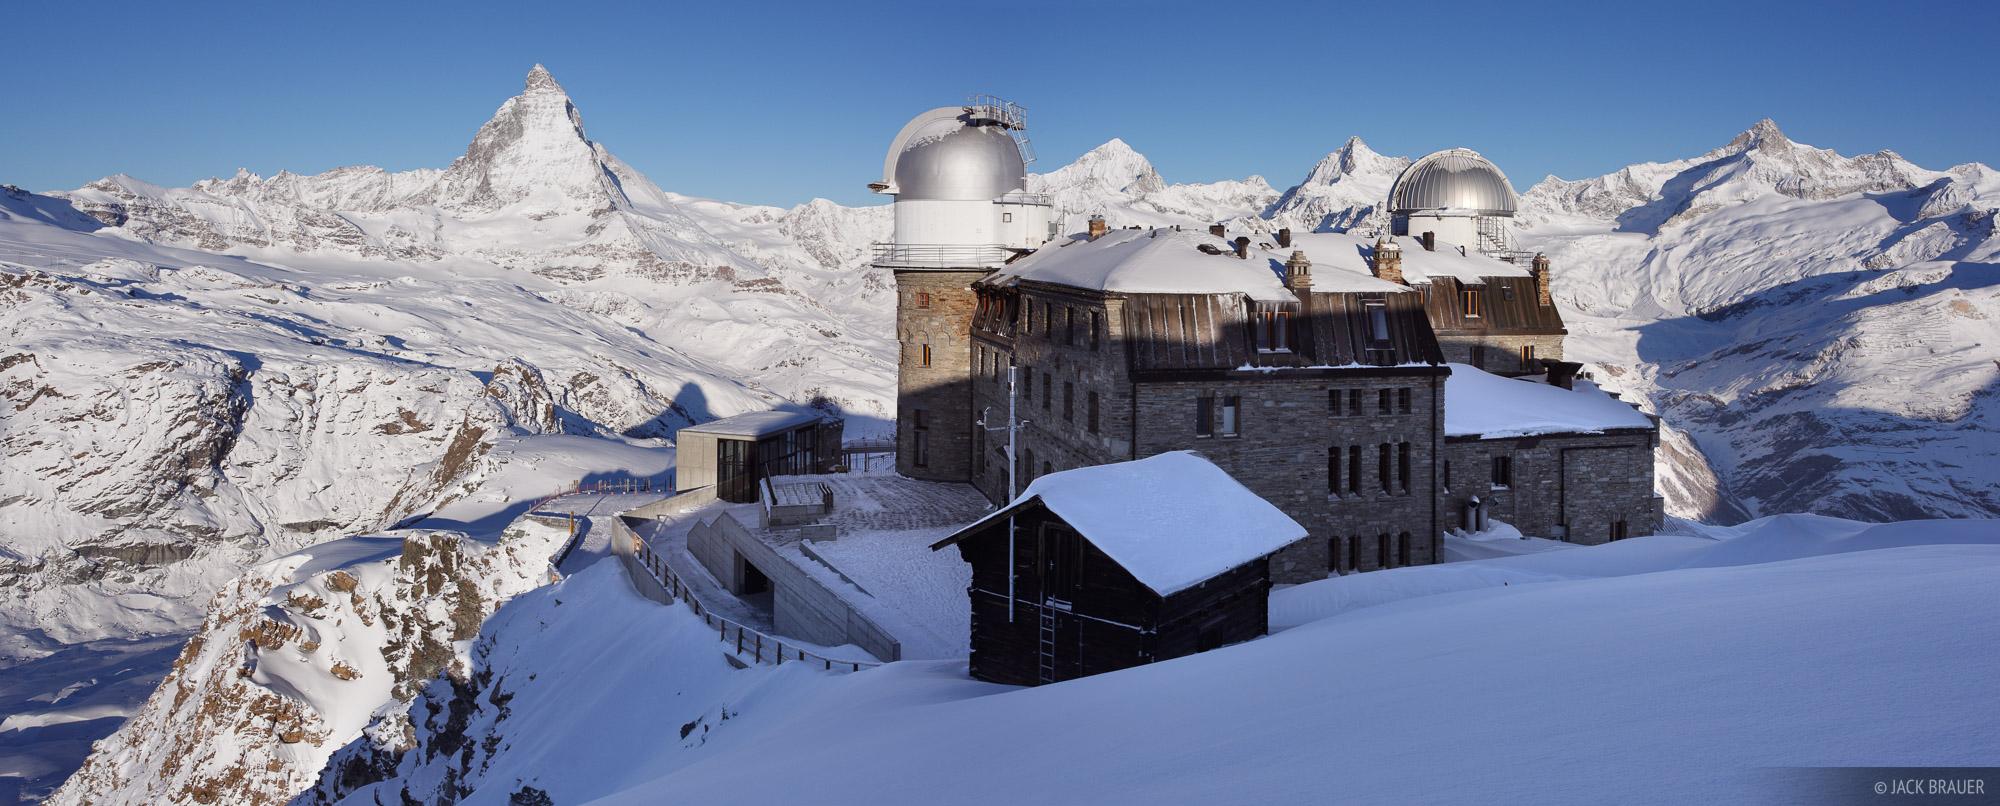 Gornergrat, Matterhorn, Pennine Alps, Zermatt, Switzerland, photo